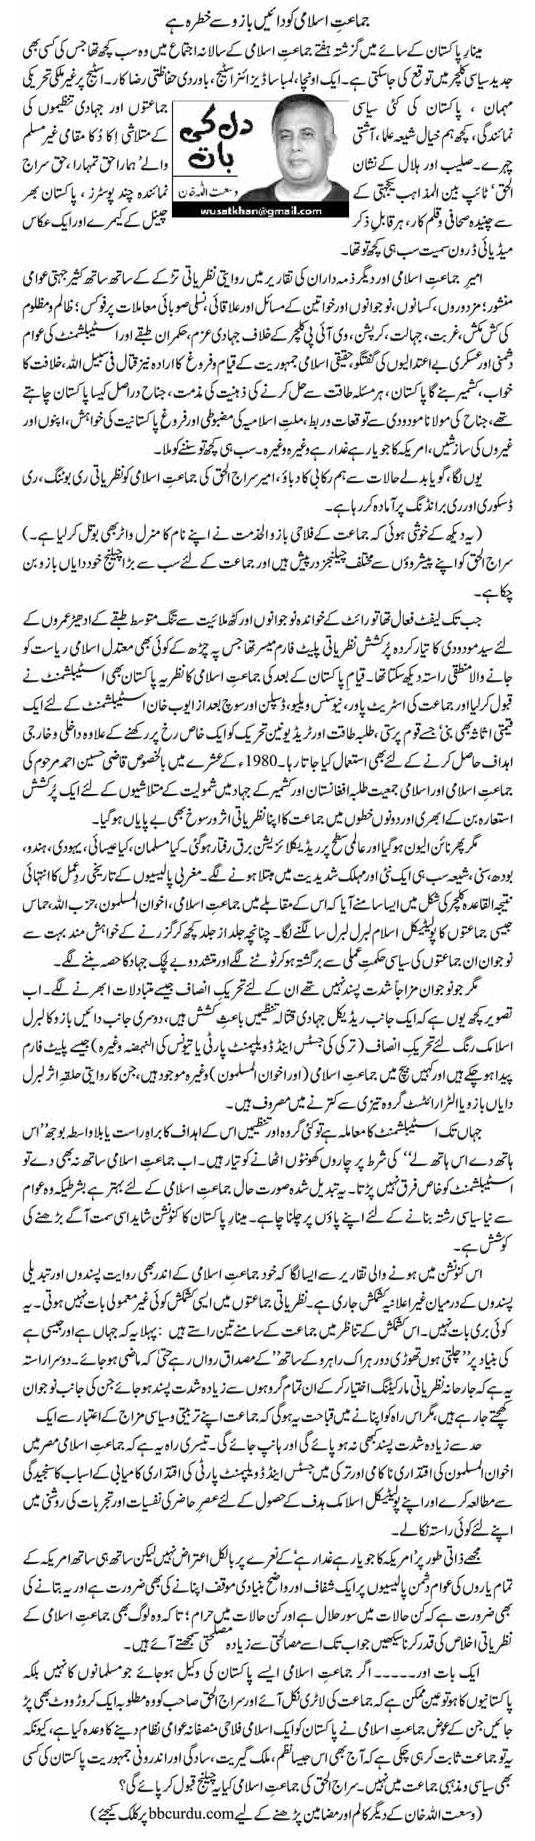 Jamat-e-Islami ko daien bazo se khatra hai -- Wusatullah Khan Pakfunny